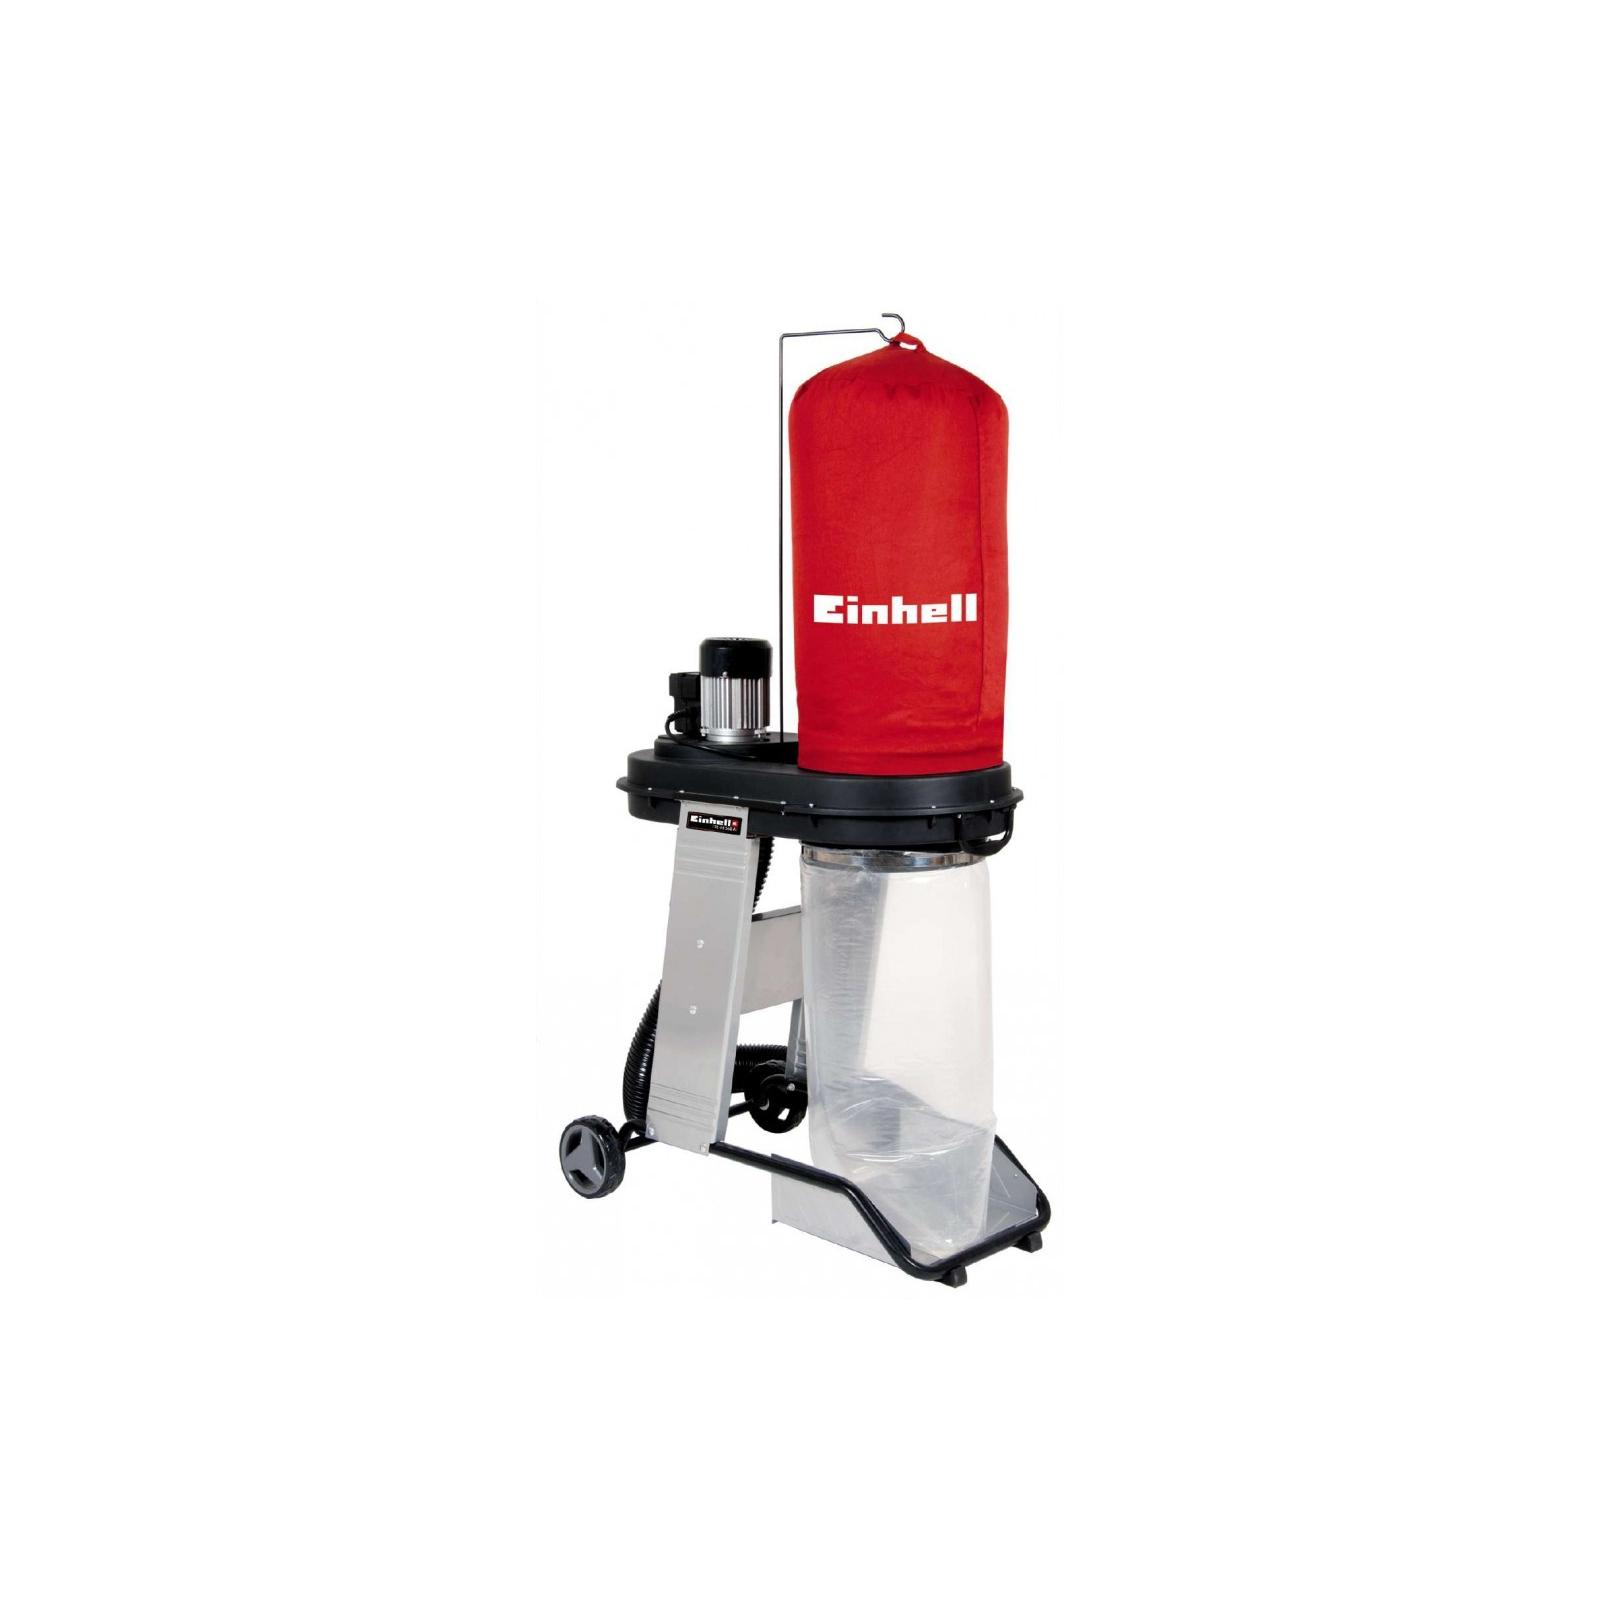 Пылесос строительный Einhell TE-VE 550 A для збору стружки (4304155)